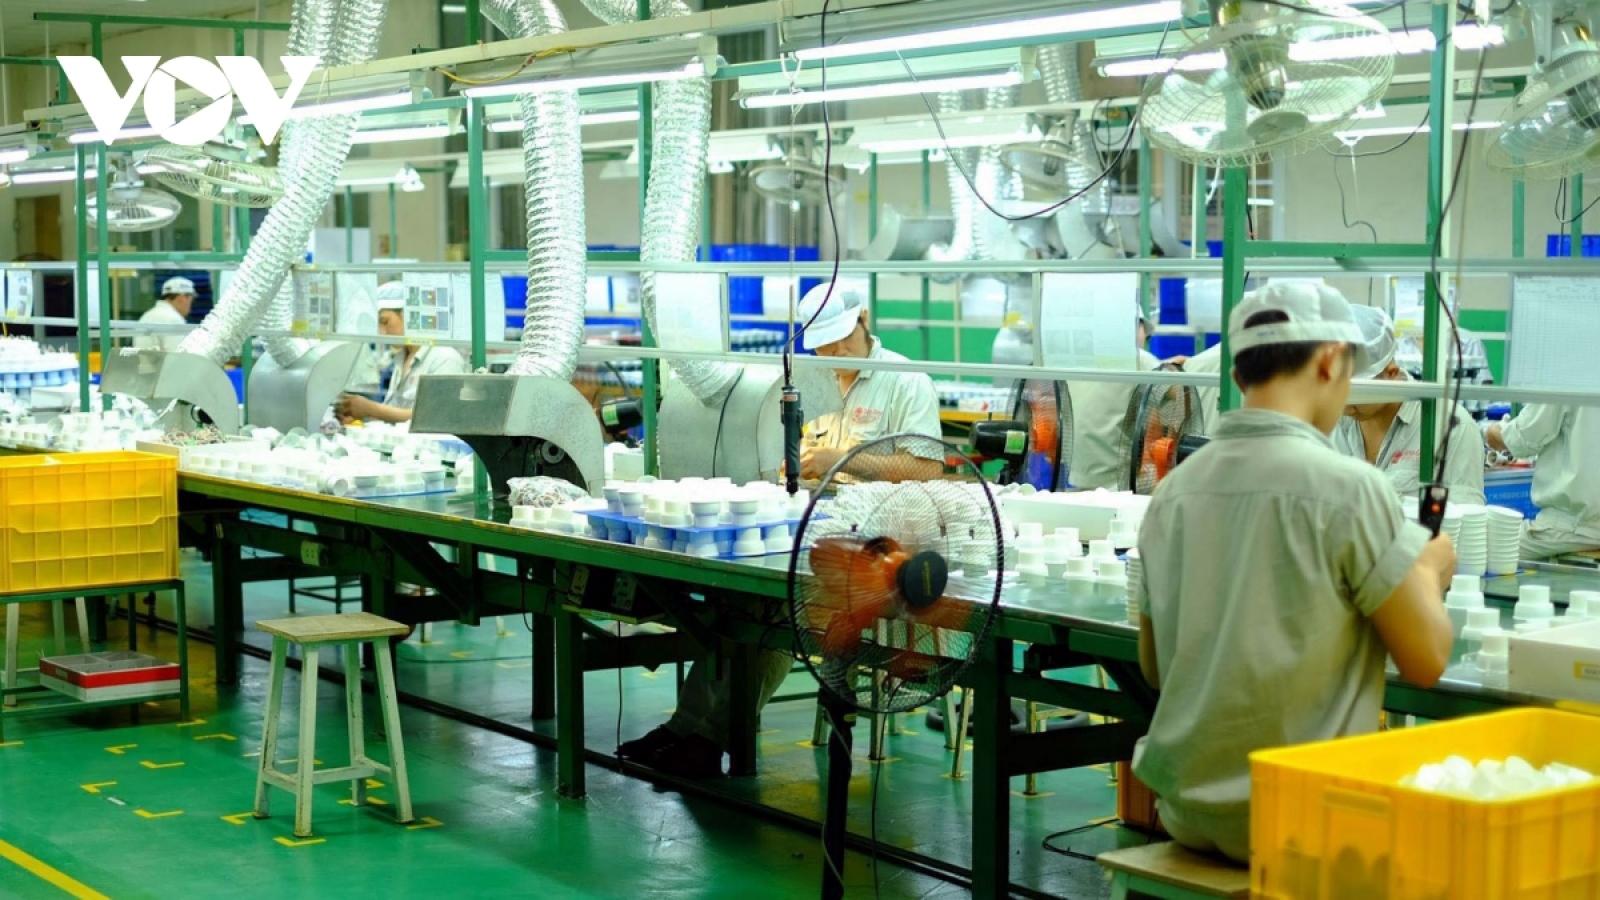 Bộ KHĐT dự kiến trình đề án phục hồi kinh tế giai đoạn 2022-2023 trong tháng 10